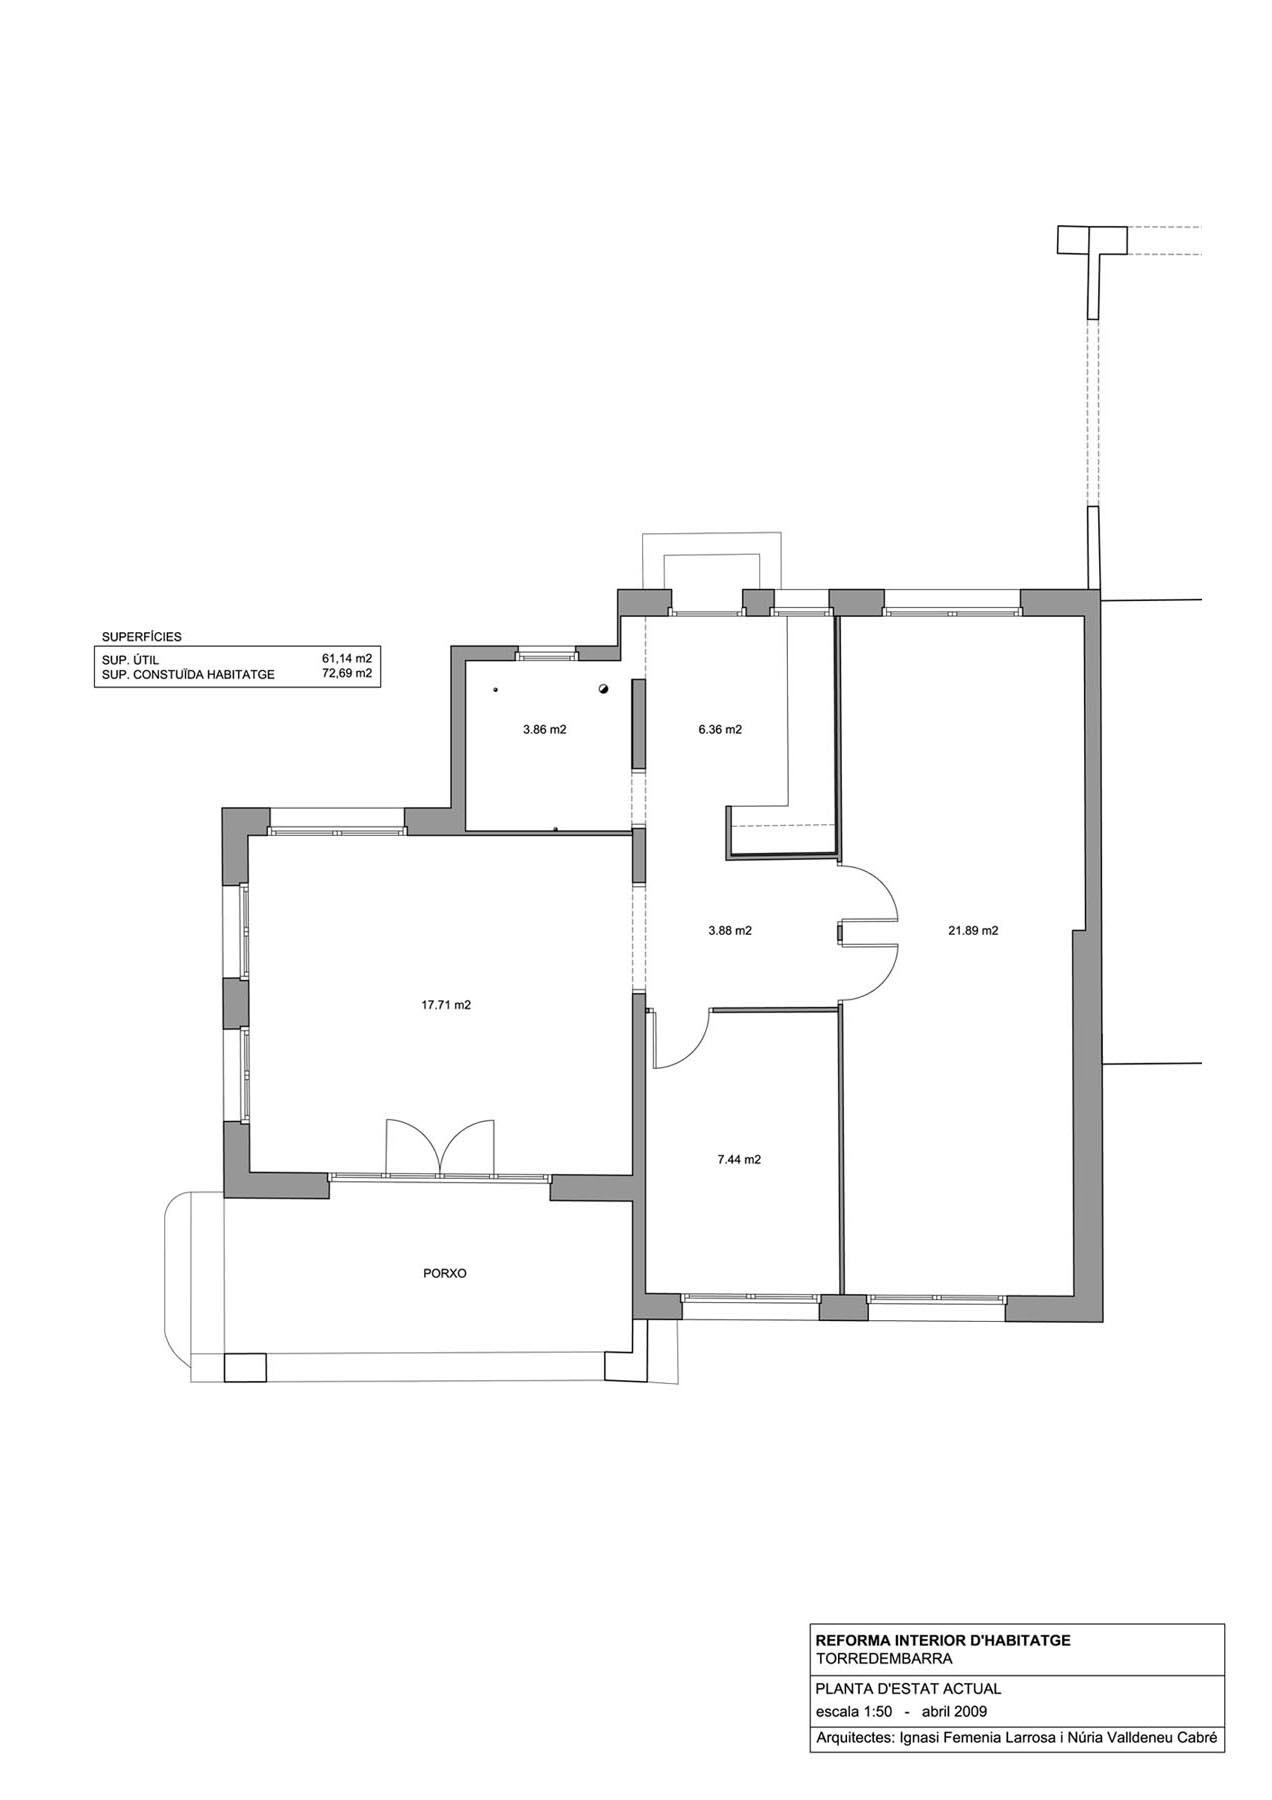 Estat actual de l'habitatge